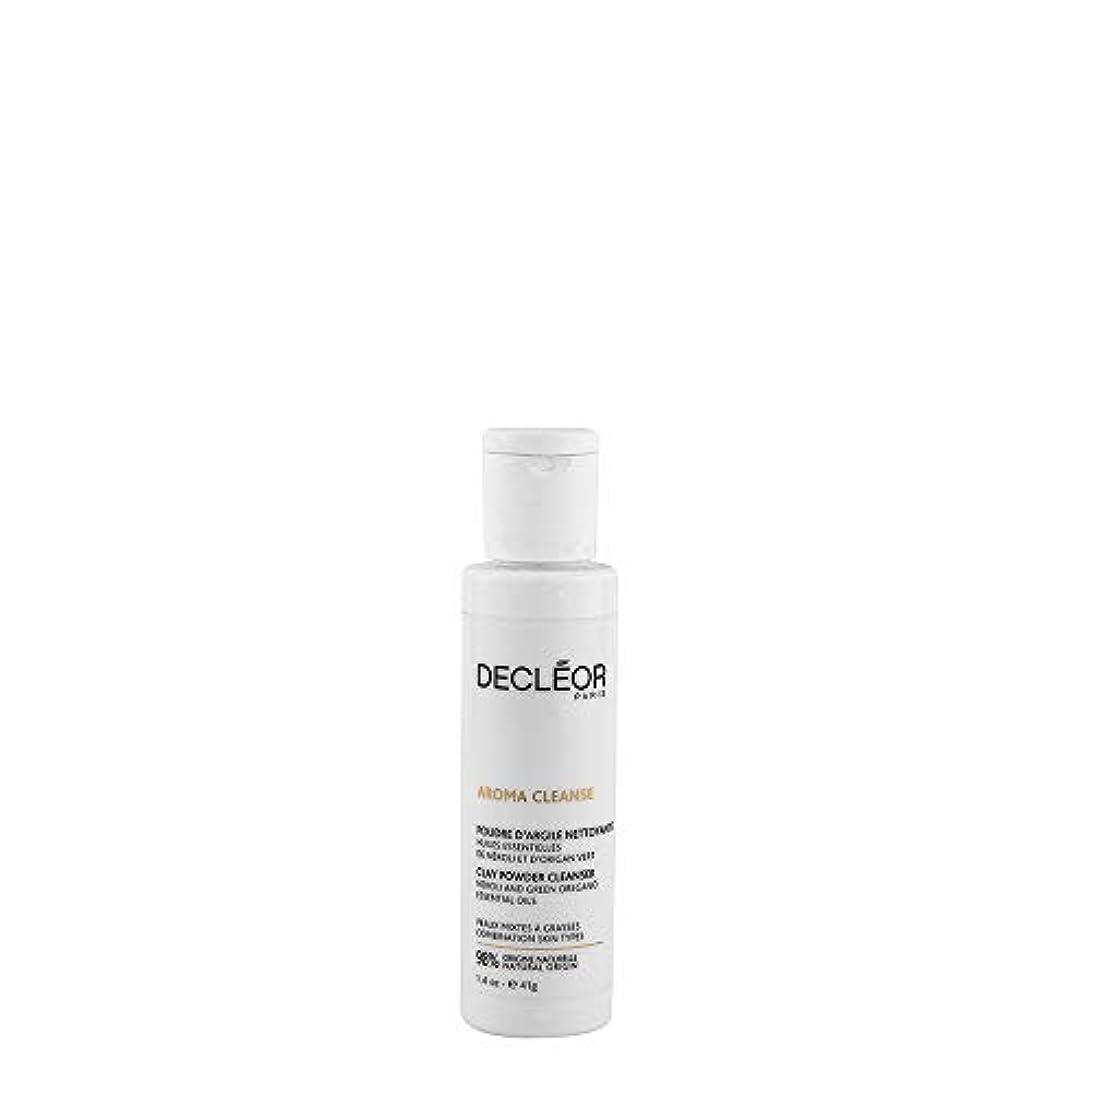 ページいつでも石油デクレオール Aroma Cleanse Clay Powder Cleanser - For Combination Skin Types 41g/1.4oz並行輸入品